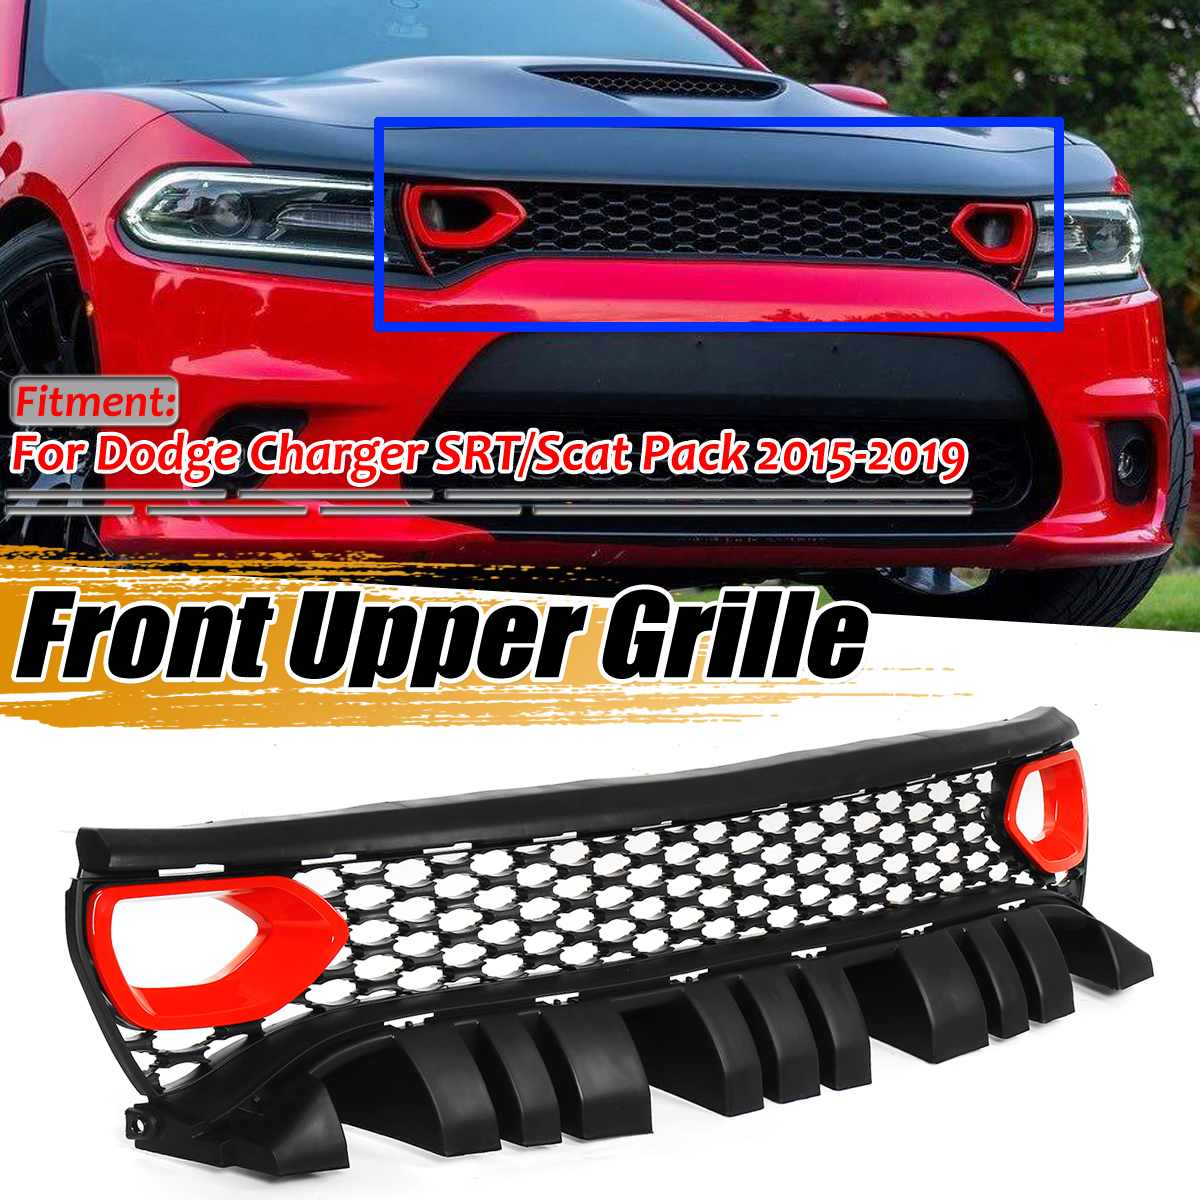 Упаковка стиль SRT/Scat гриль автомобильный передний бампер сетка решетка верхний гриль решетка для Dodge для зарядного устройства SRT/Scat 2015 2019